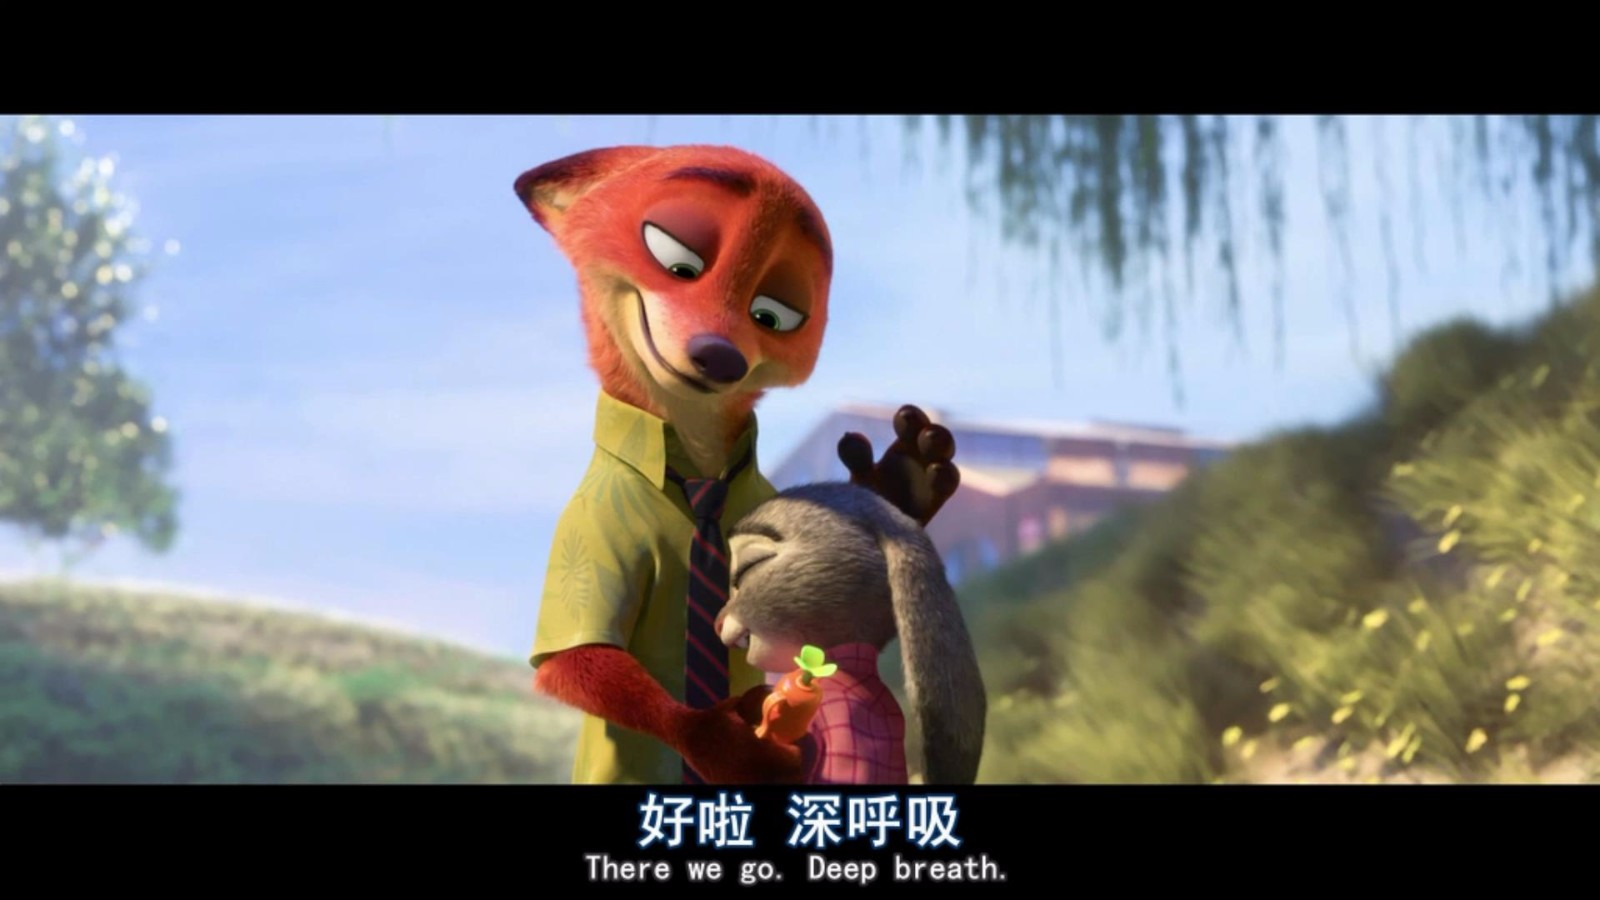 求疯狂动物城里狐狸尼克对兔子朱迪说 过来,抱抱那个图片